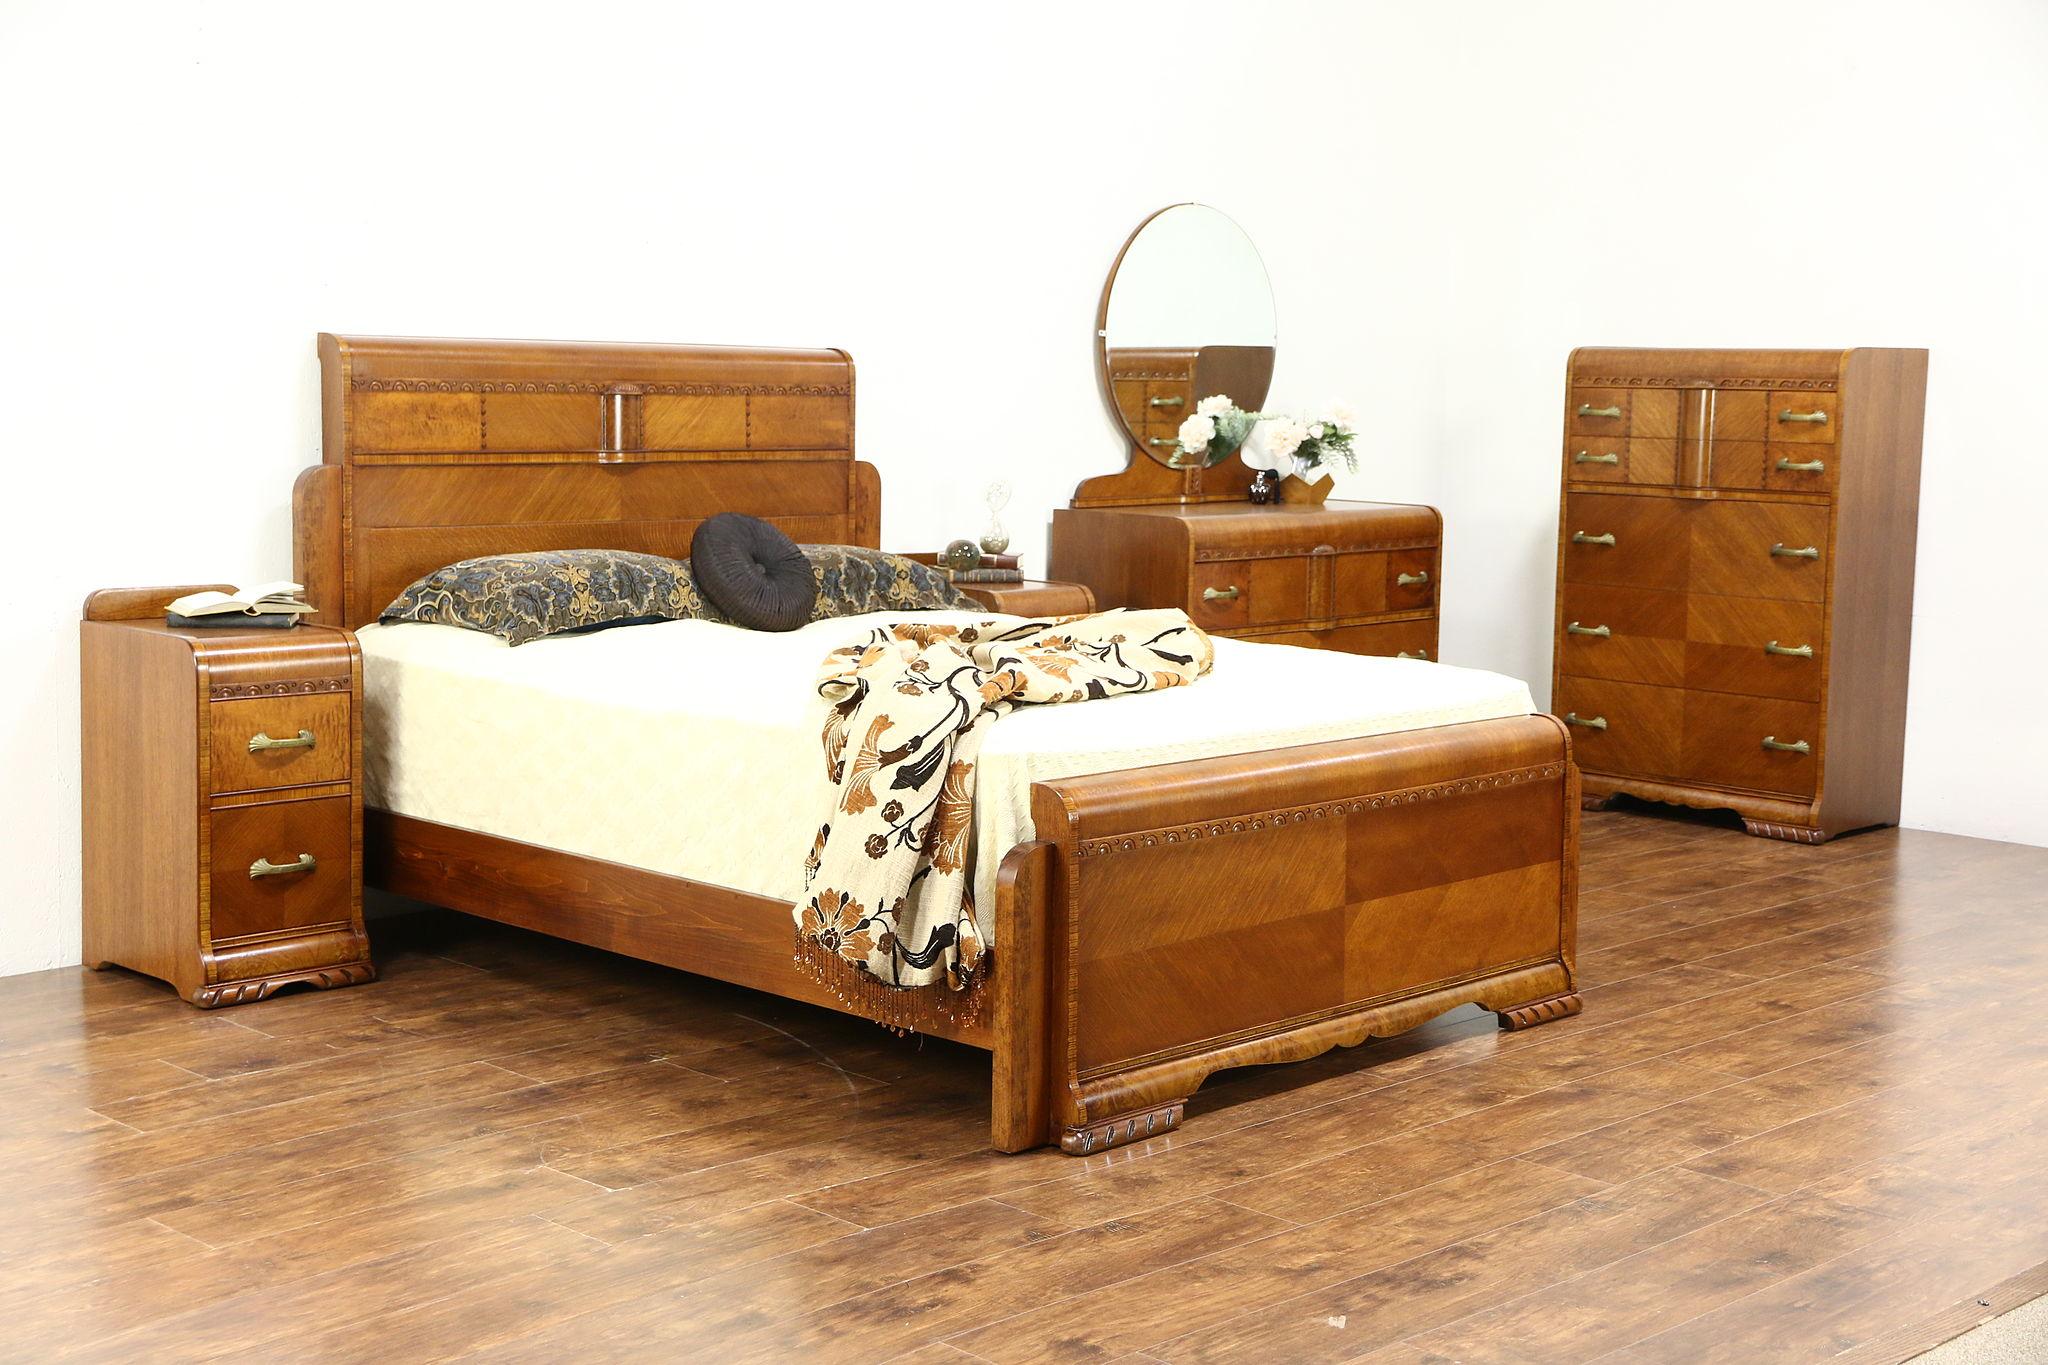 SOLD - Art Deco Waterfall 5 Pc. Vintage Bedroom Set, Queen Size Bed ...